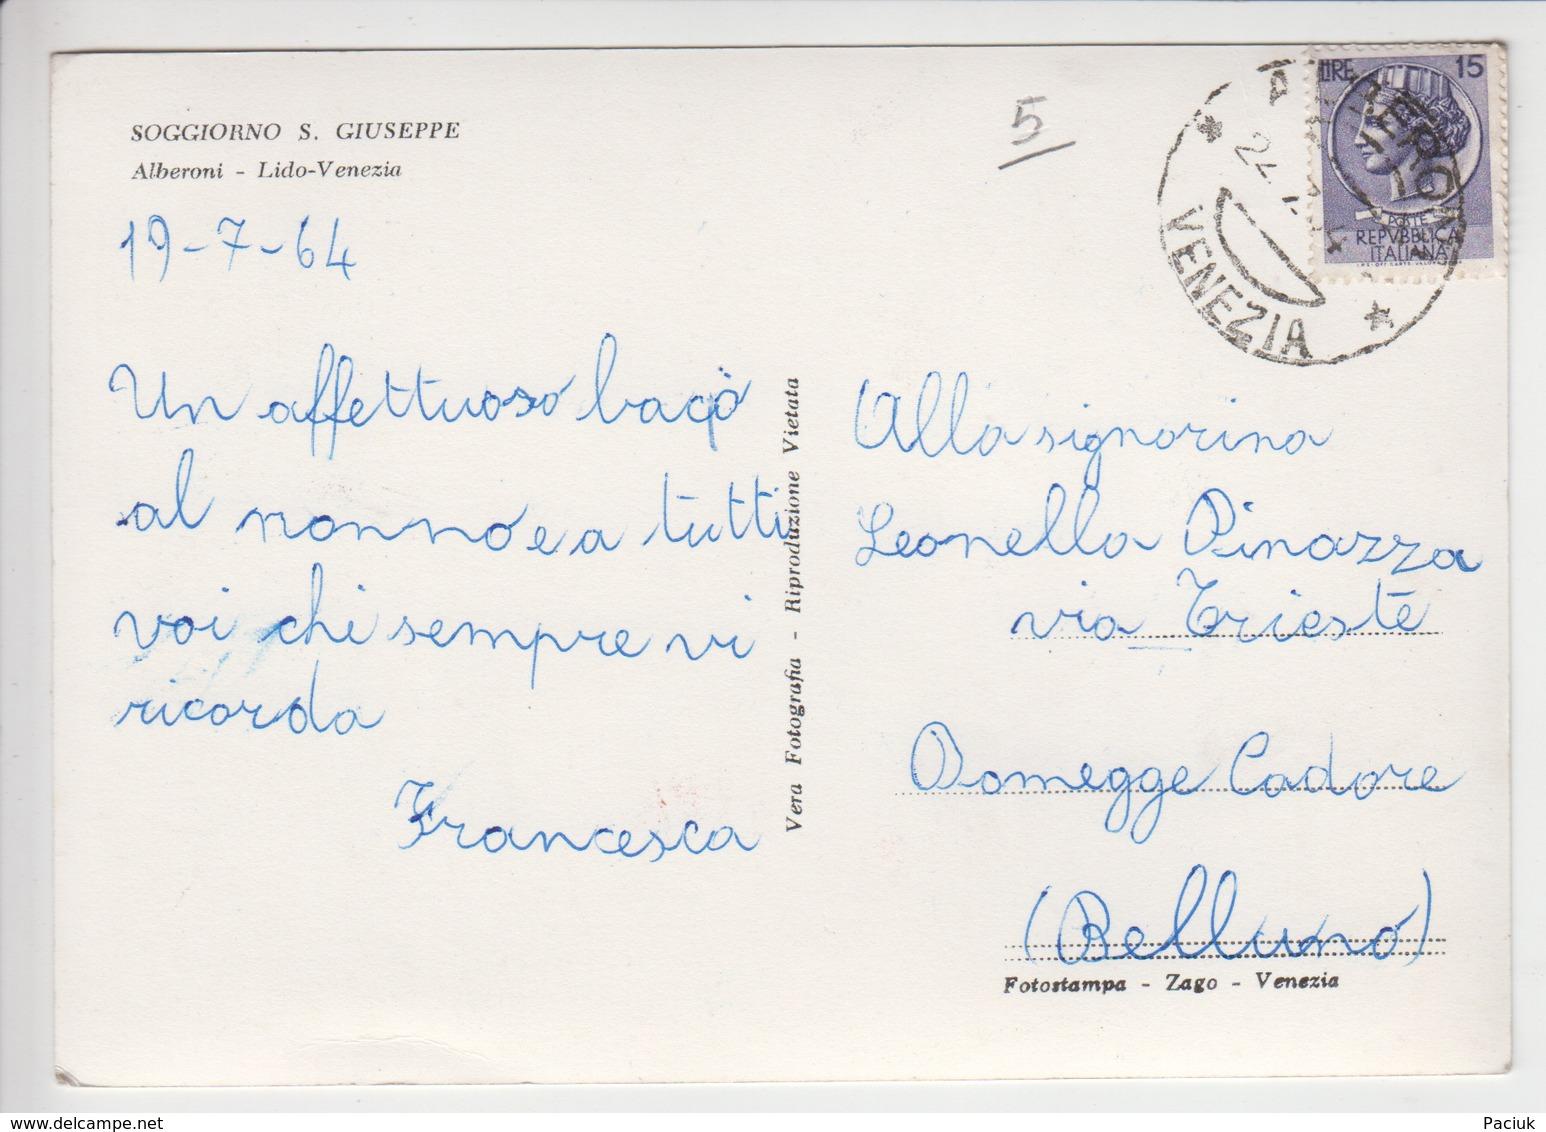 Alberoni Lido Venezia Soggiorno S. Giuseppe - Venezia